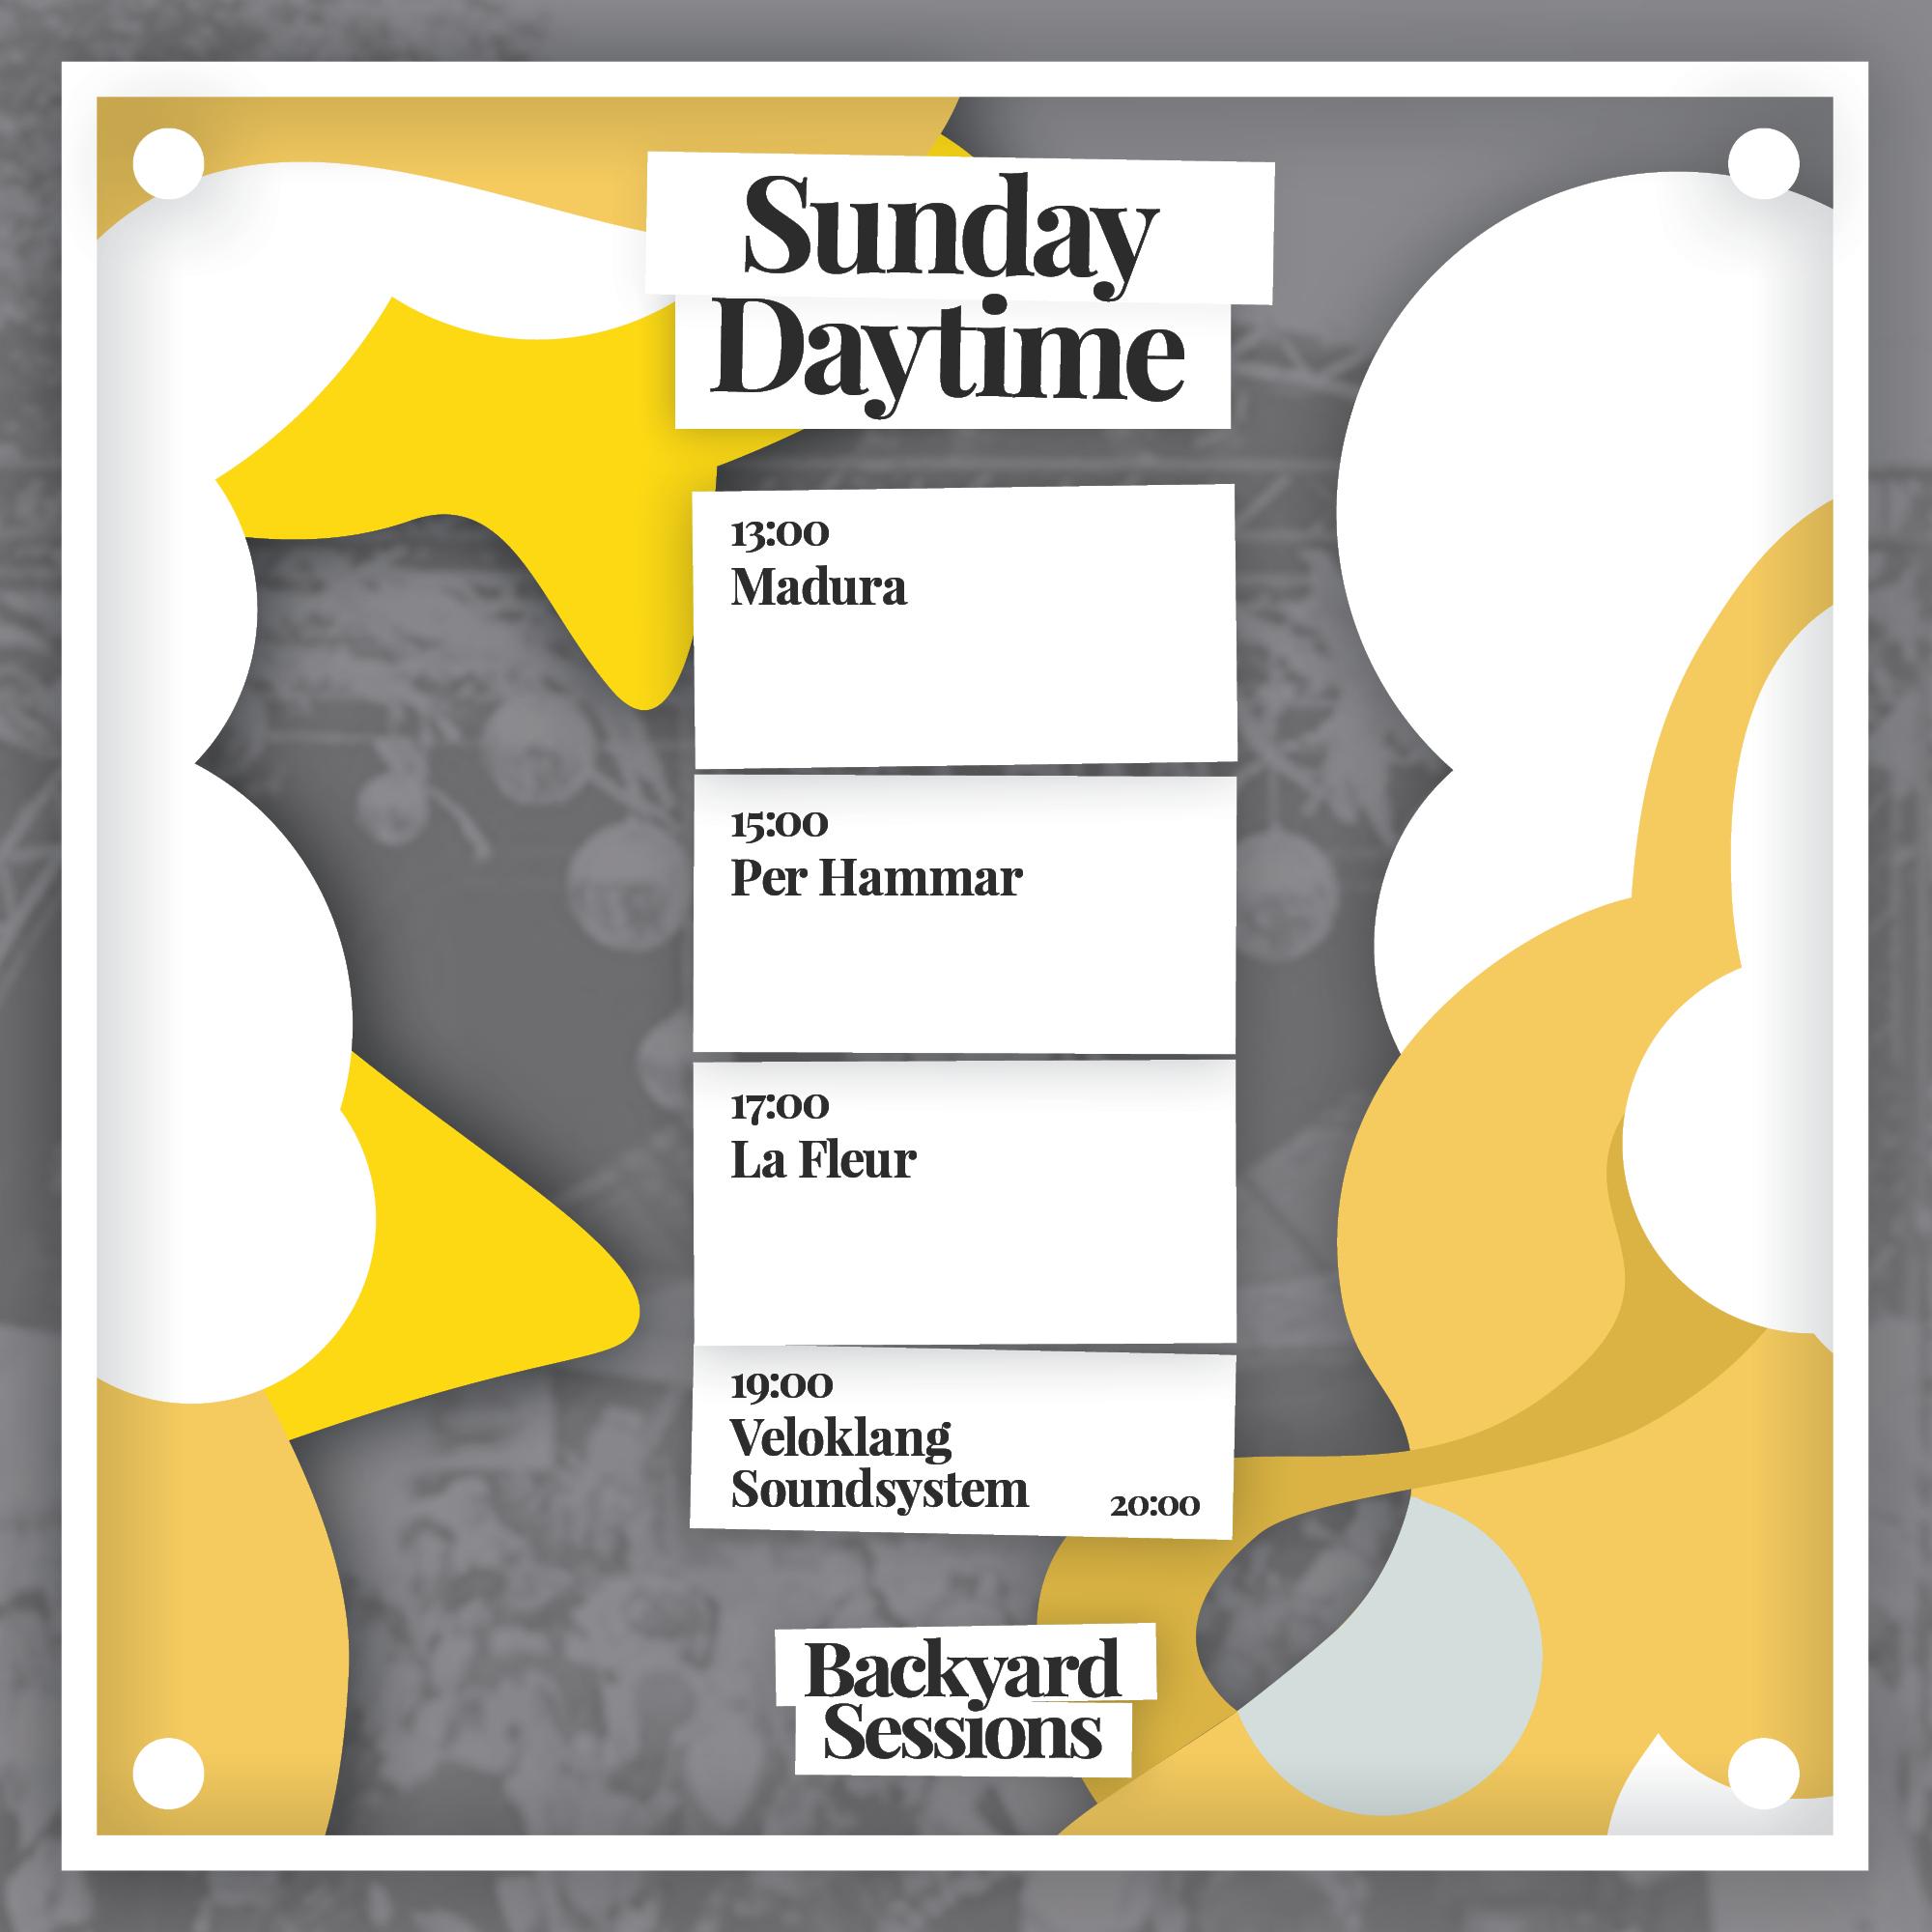 2000 x 2000 Schedule Sunday Daytime.jpg